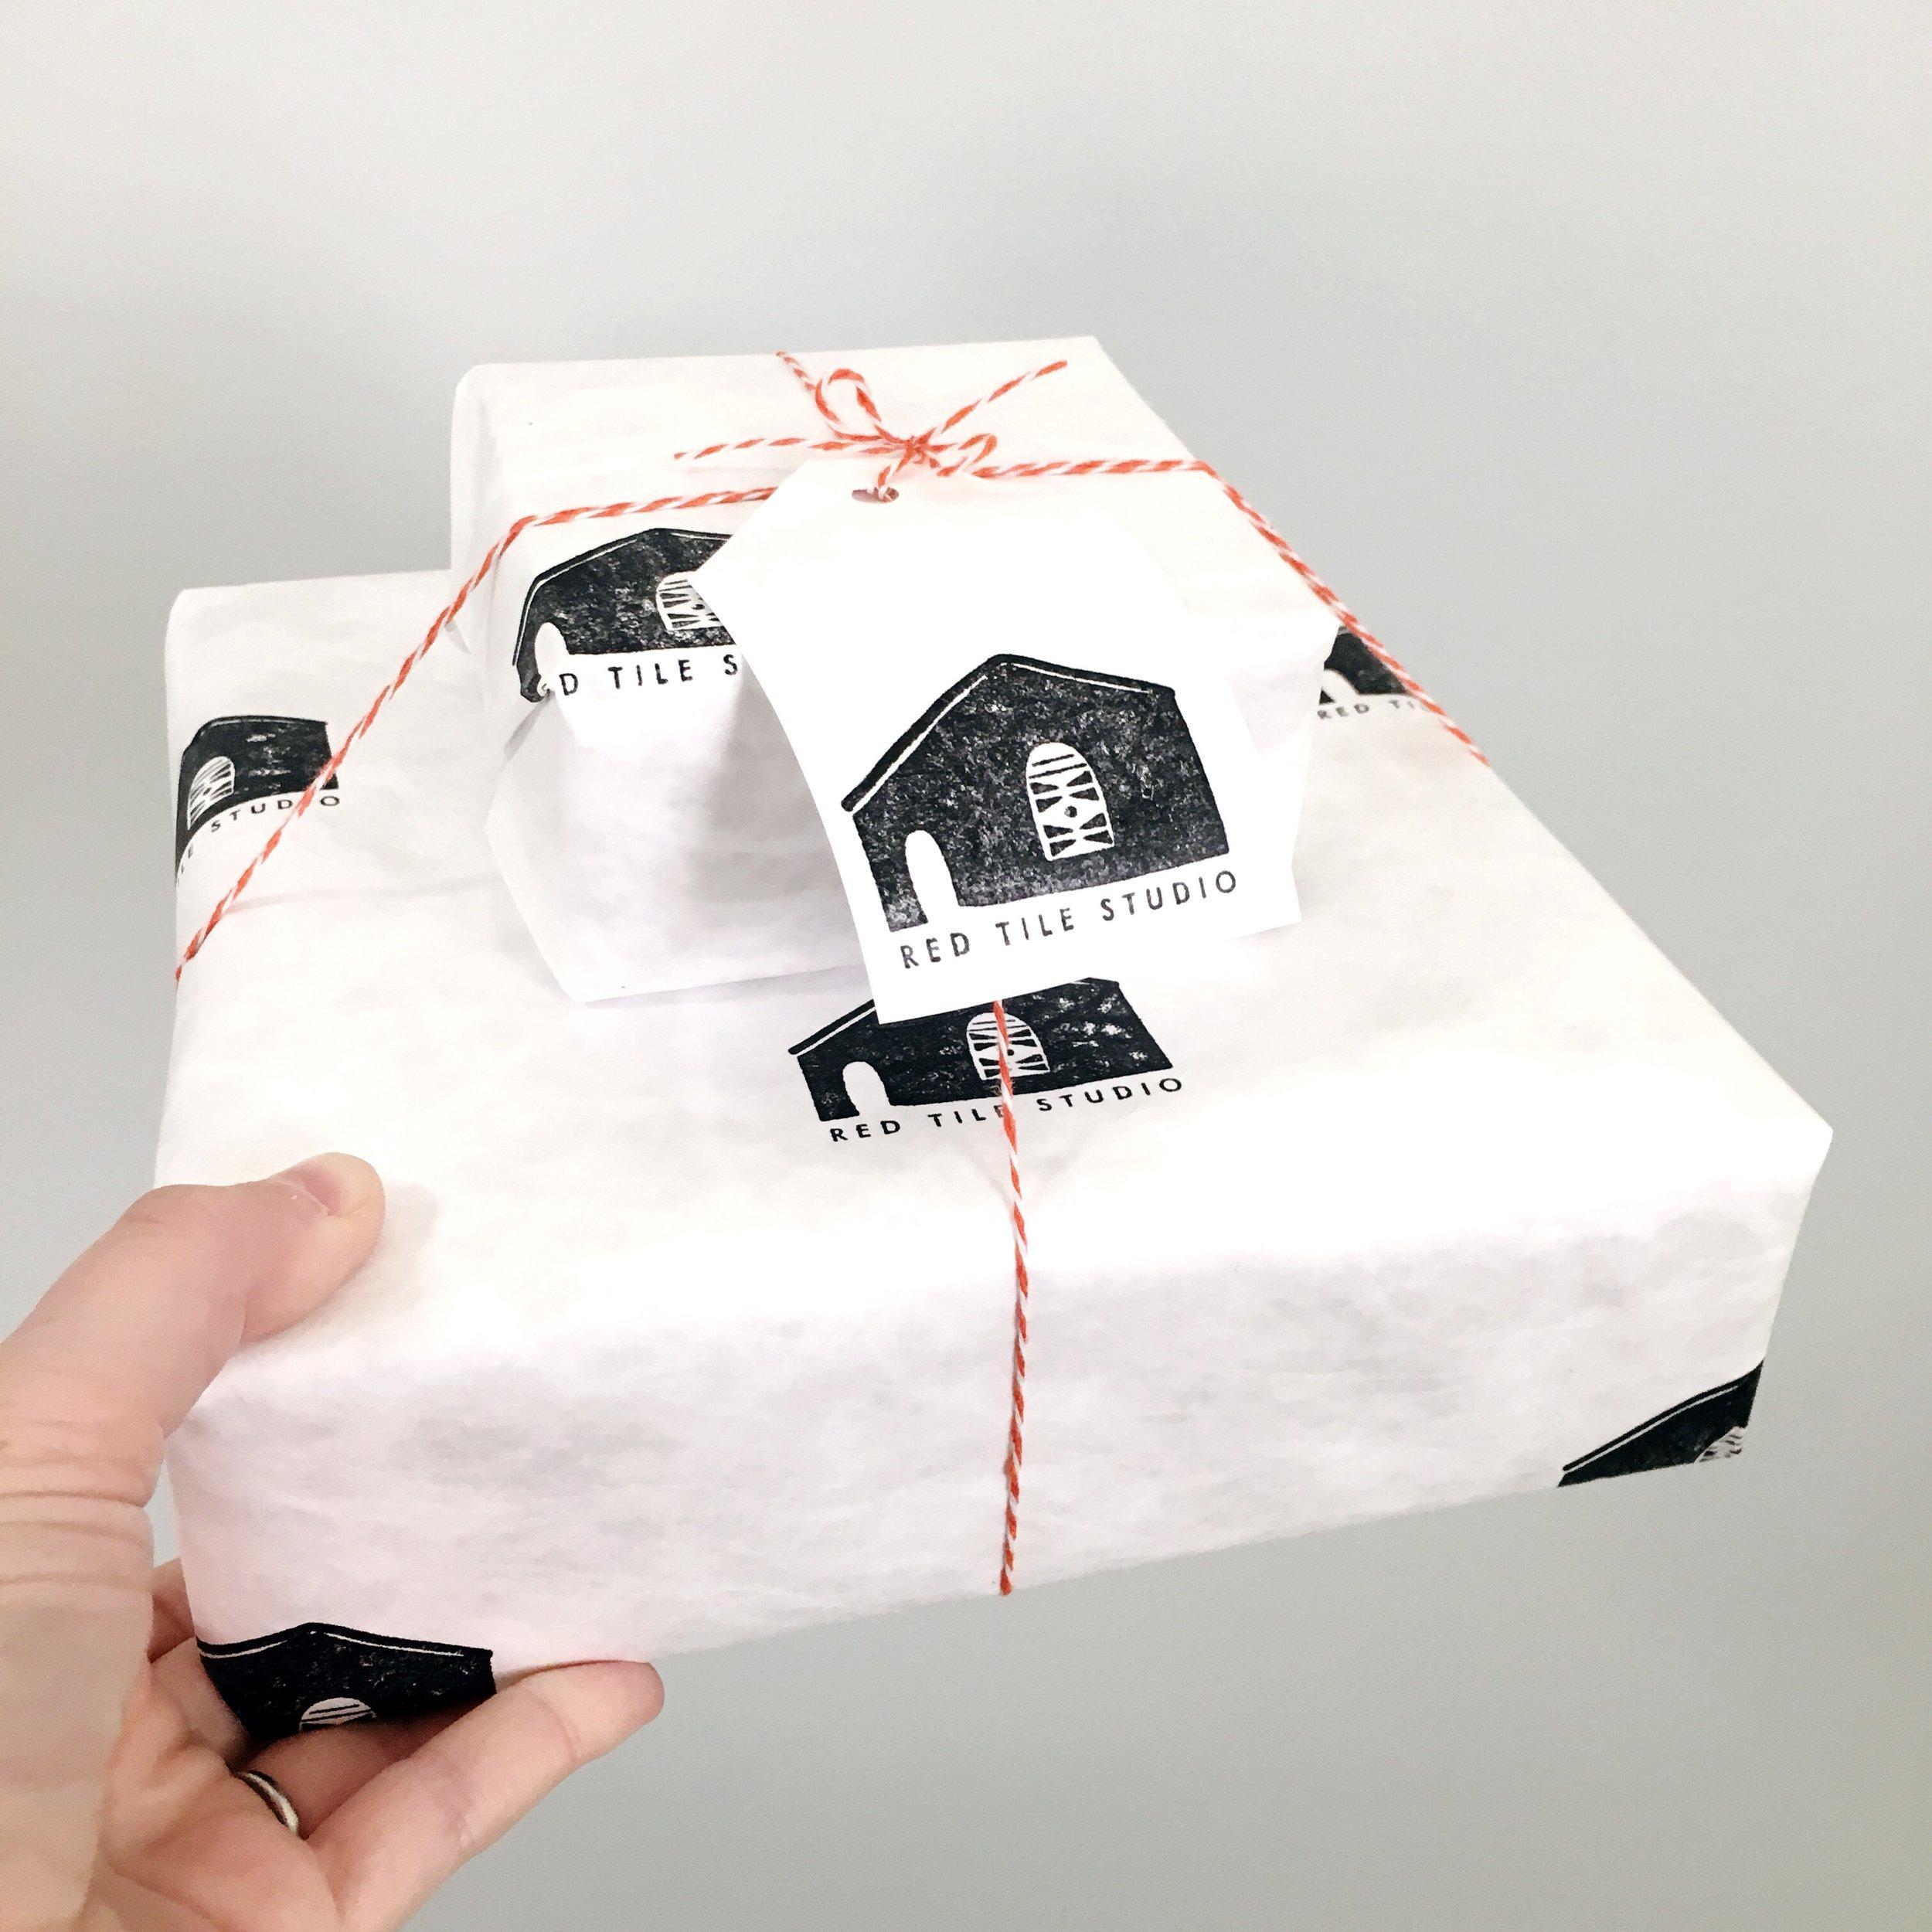 Creatiate Stamps Packaging Ideas - The Creatiate DIY Blog _0445.jpg